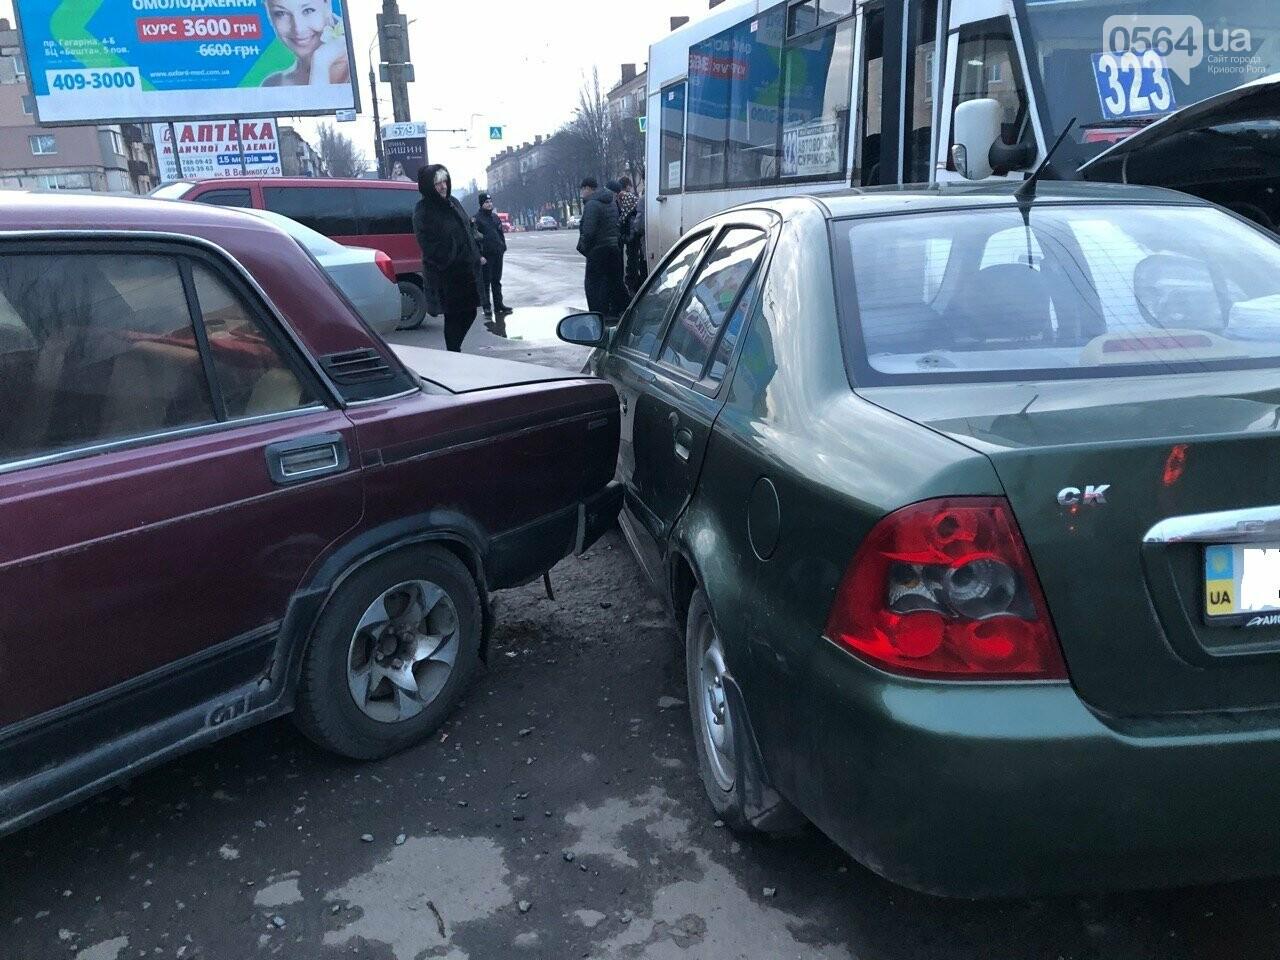 Припарковался: в Кривом Роге столкнулись две легковушки и маршрутка, - ФОТО, фото-2